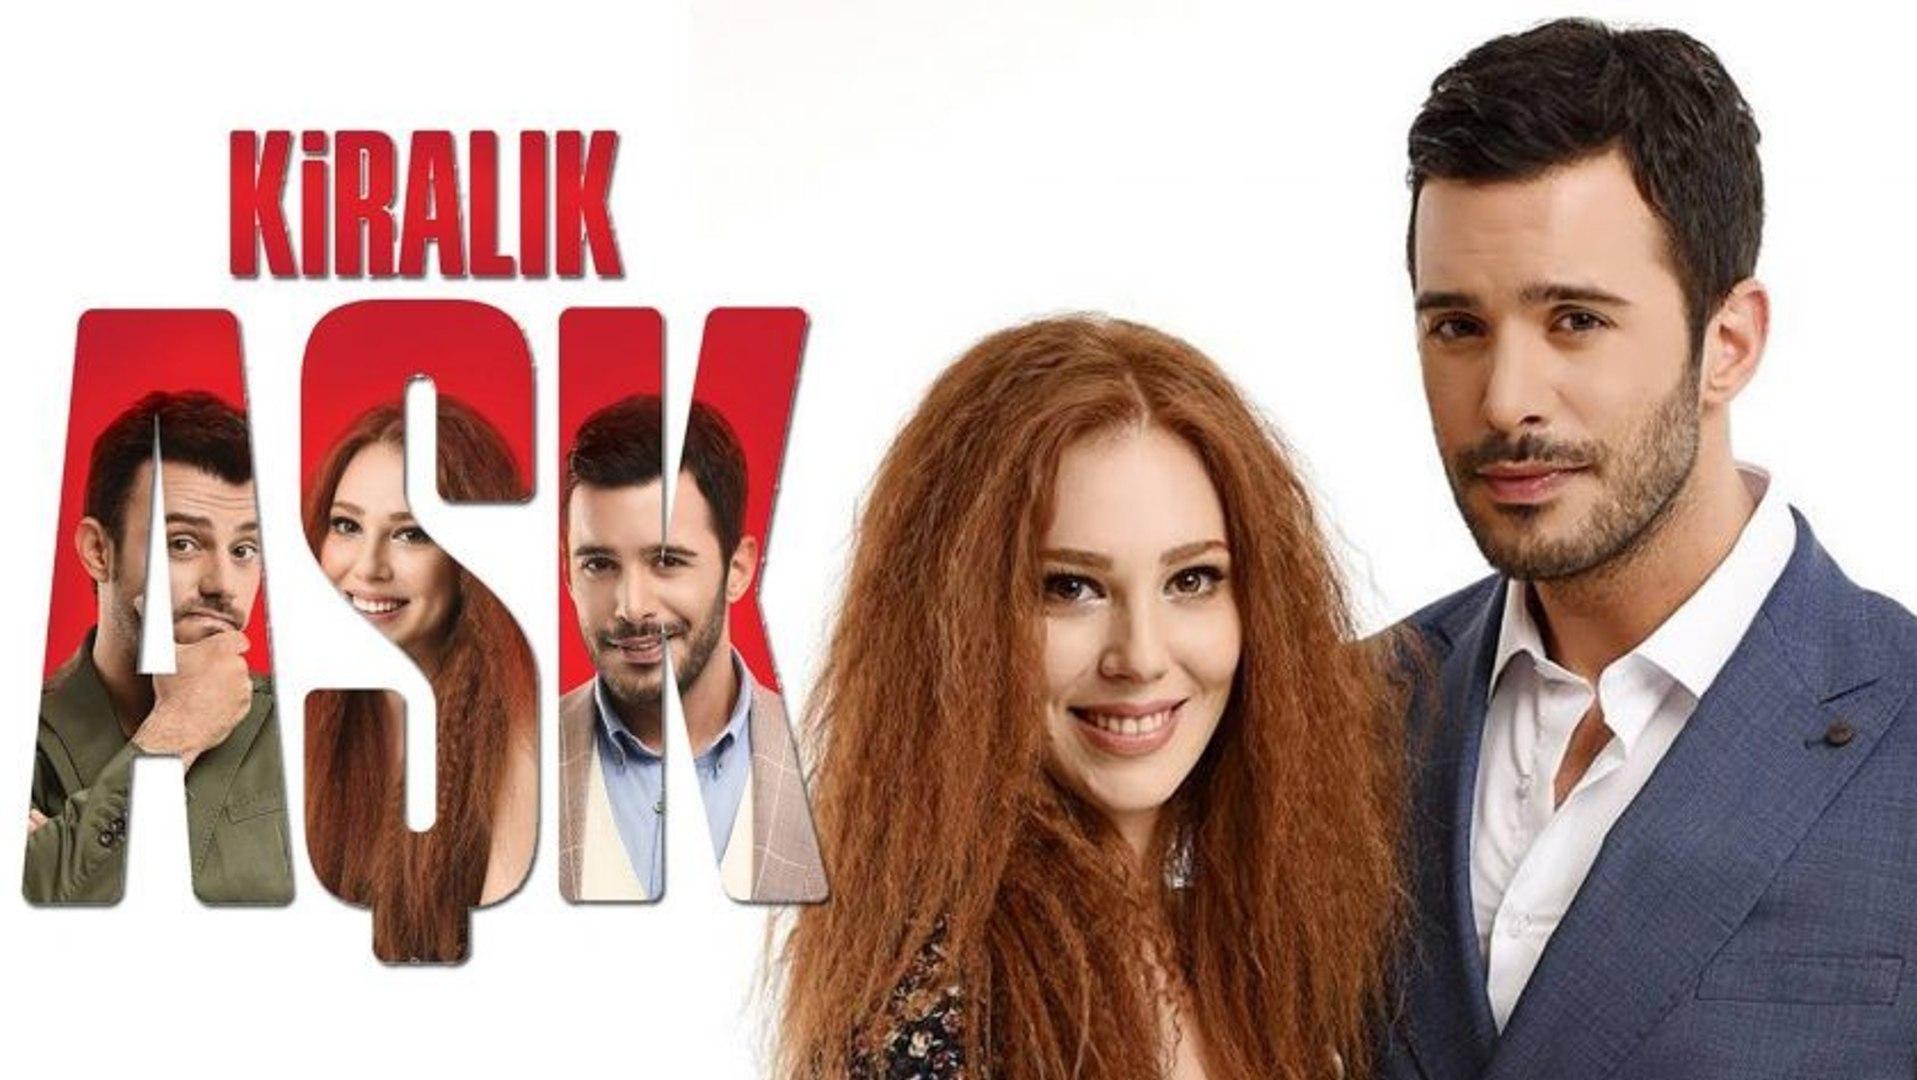 Kiralık Aşk [Love For Rent] Best Turkish TV Series 2015–2017 - Best Turkish  Romantic Comedy TV Series